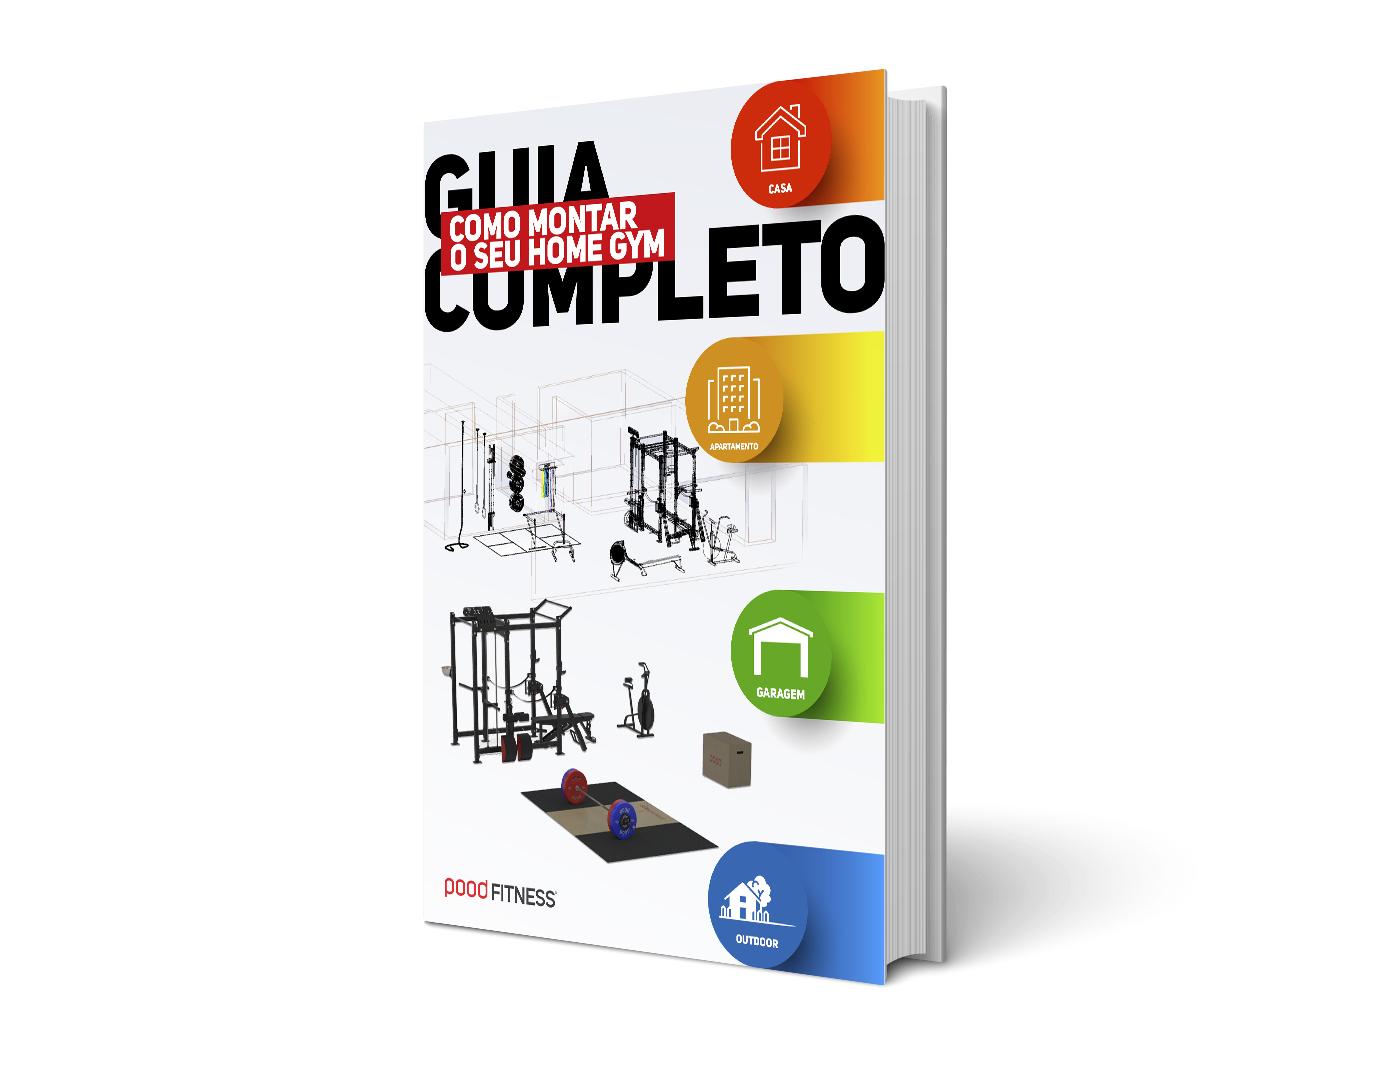 Guia Completo Como Montar o Seu Home Gym